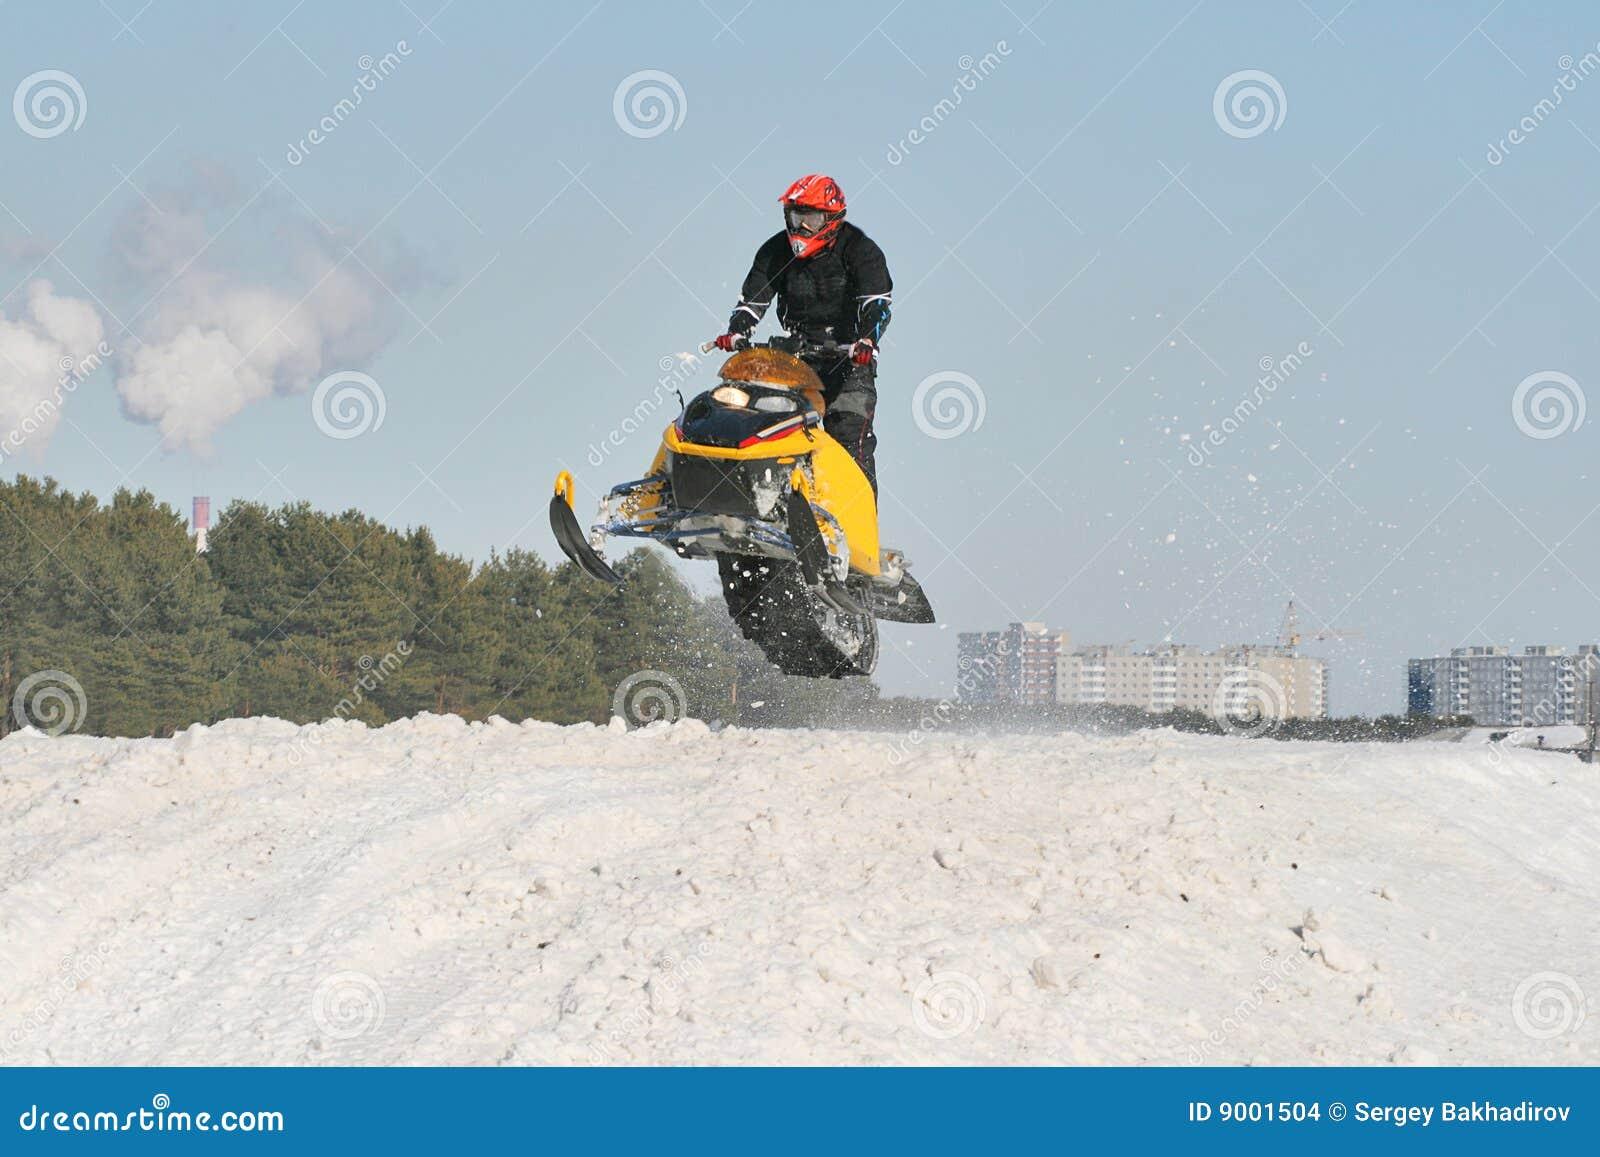 Snowmobile-Laufen